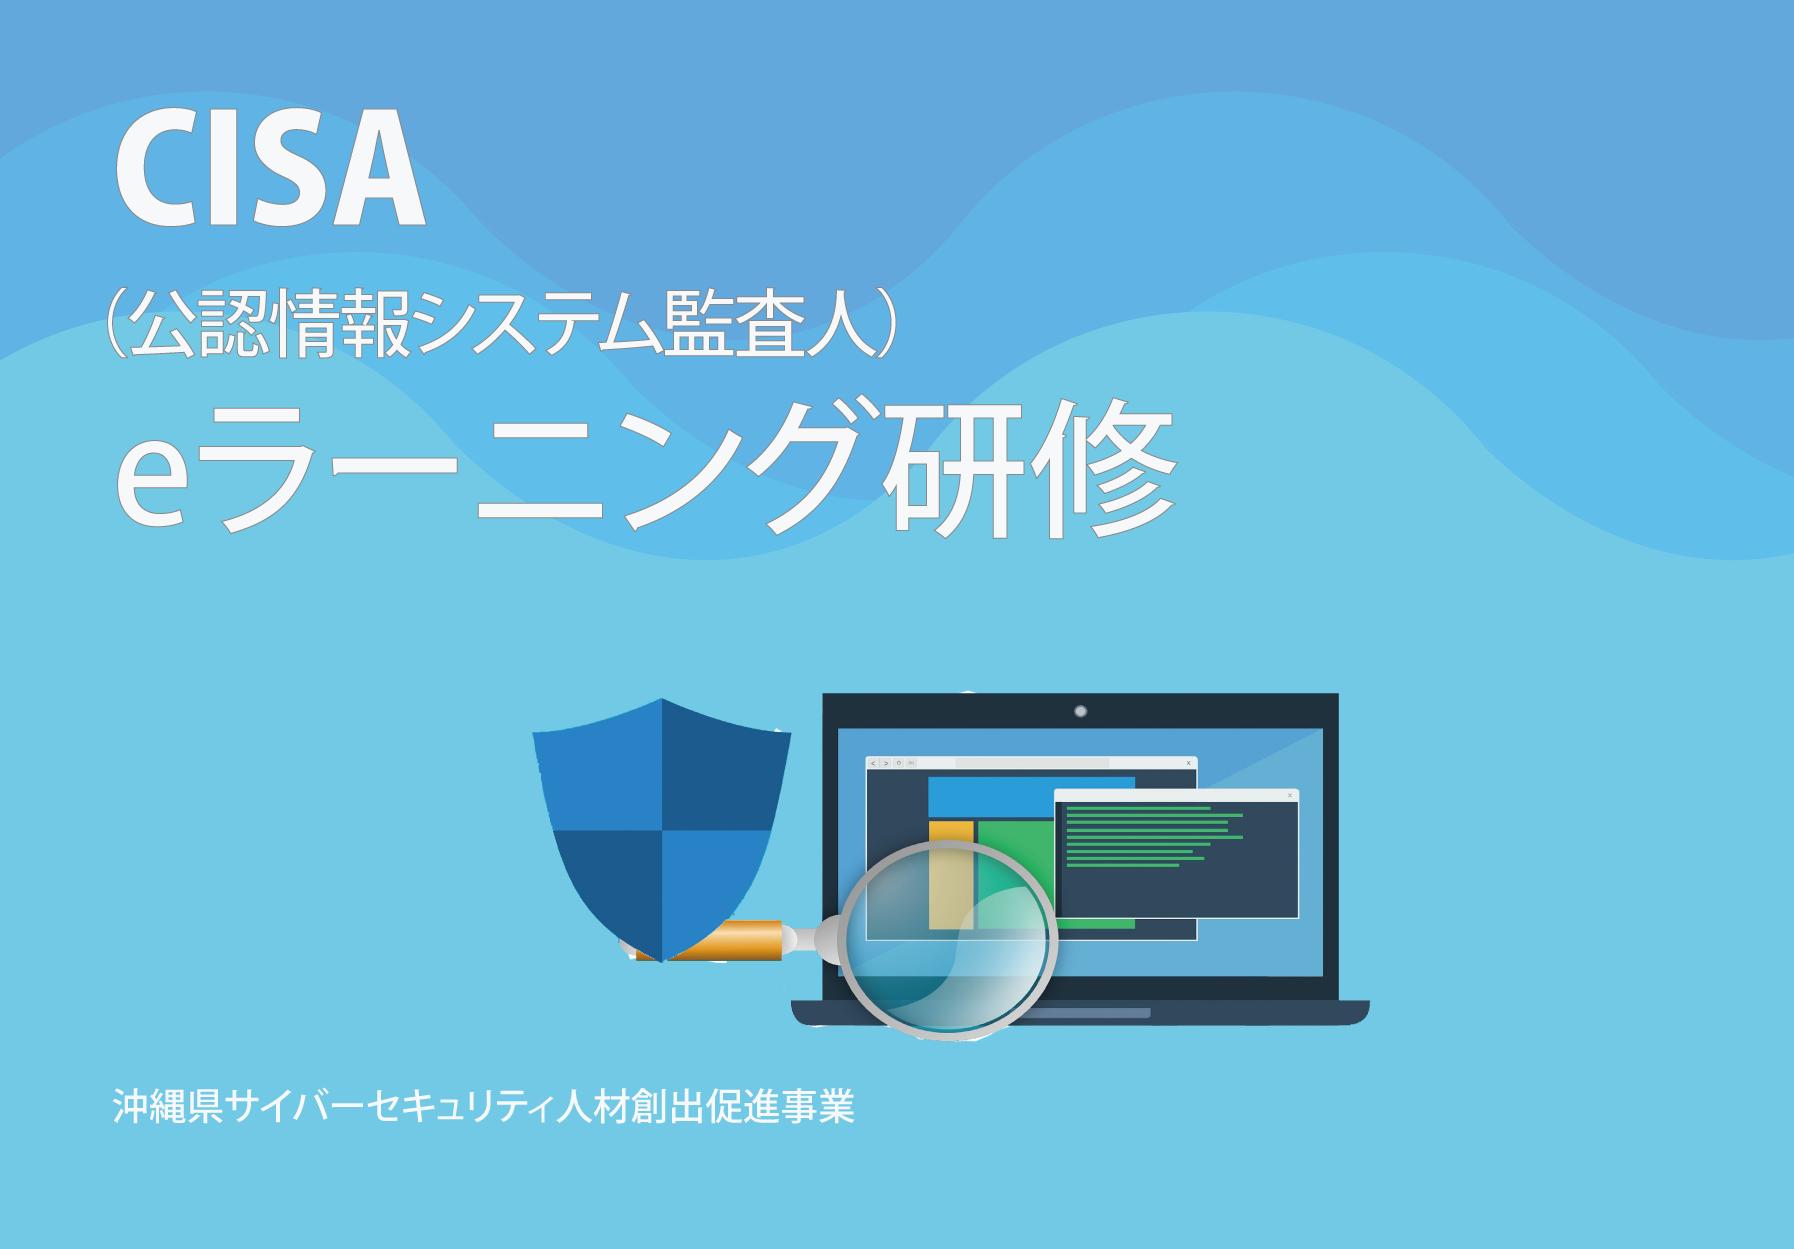 CISA(公認情報システム監査人)eラーニング研修